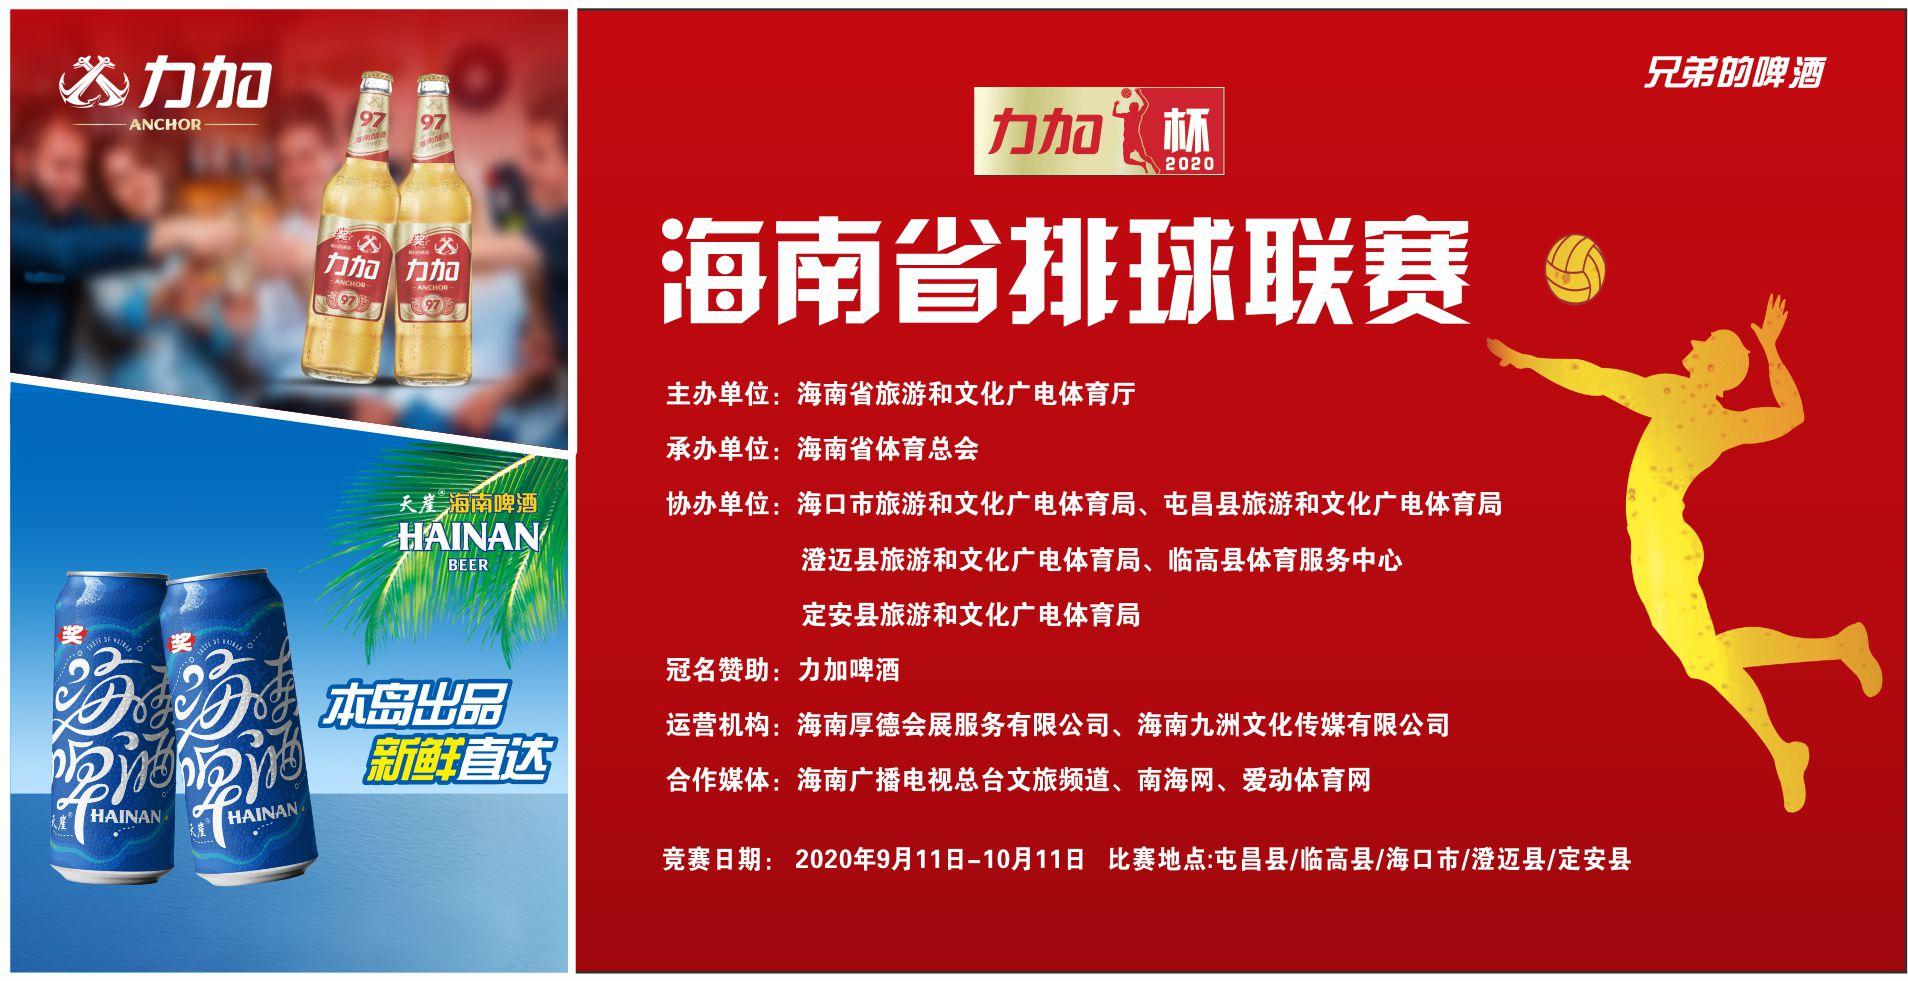 """【回放】2020""""力加杯""""海南省排球联赛 9月11日开幕式暨揭幕战"""